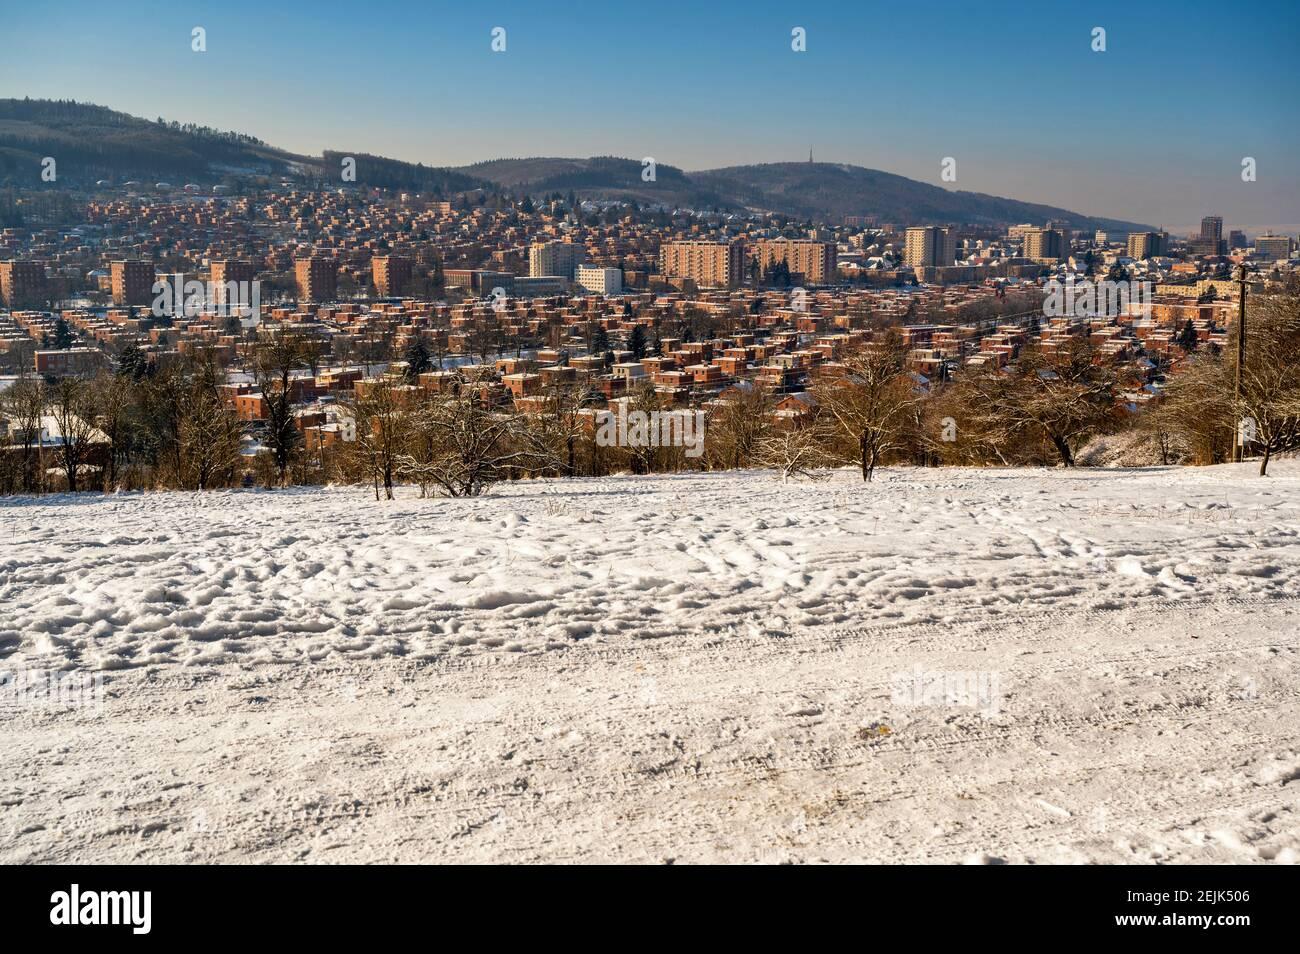 Zona residencial, arquitectura única de casas estandarizadas de ladrillo rojo en la ciudad de Zlin, república Checa. Paisaje nevado de la ciudad, soleado día de invierno. Foto de stock